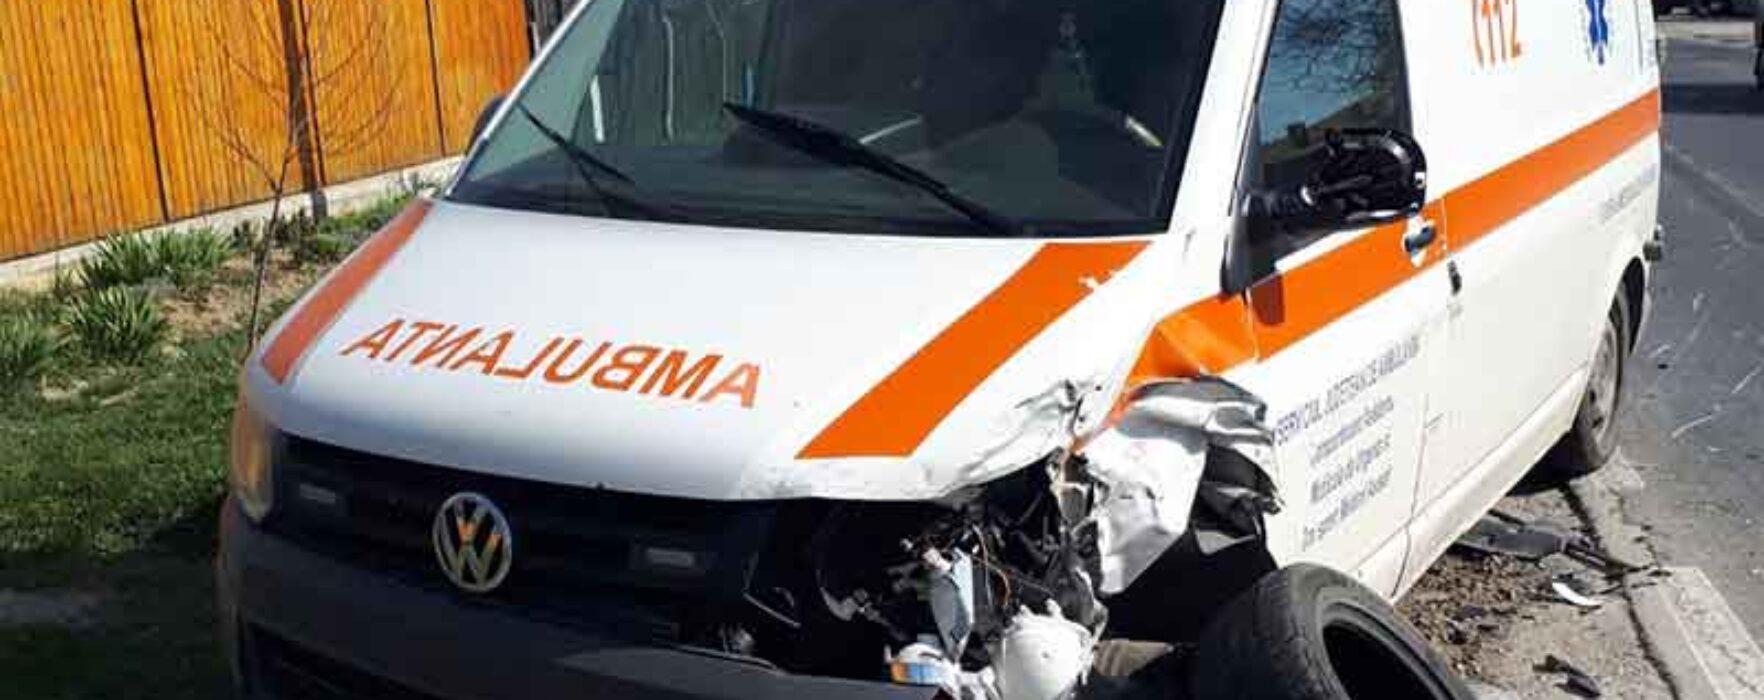 Dâmboviţa: Ambulanţă lovită în trafic de o maşină condusă de o femeie care a pierdut controlul volanului